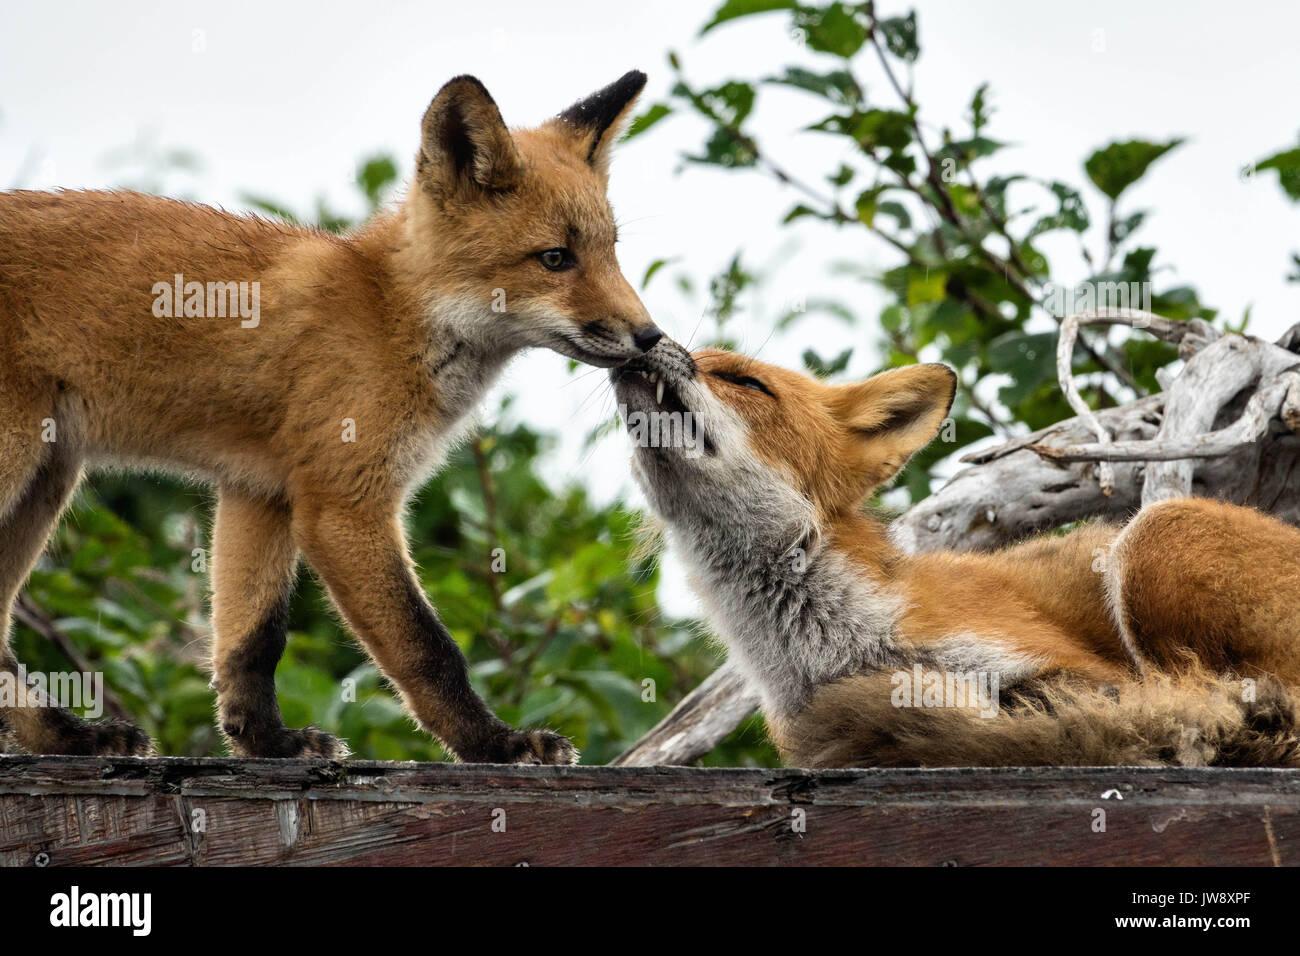 personals in fox river alaska